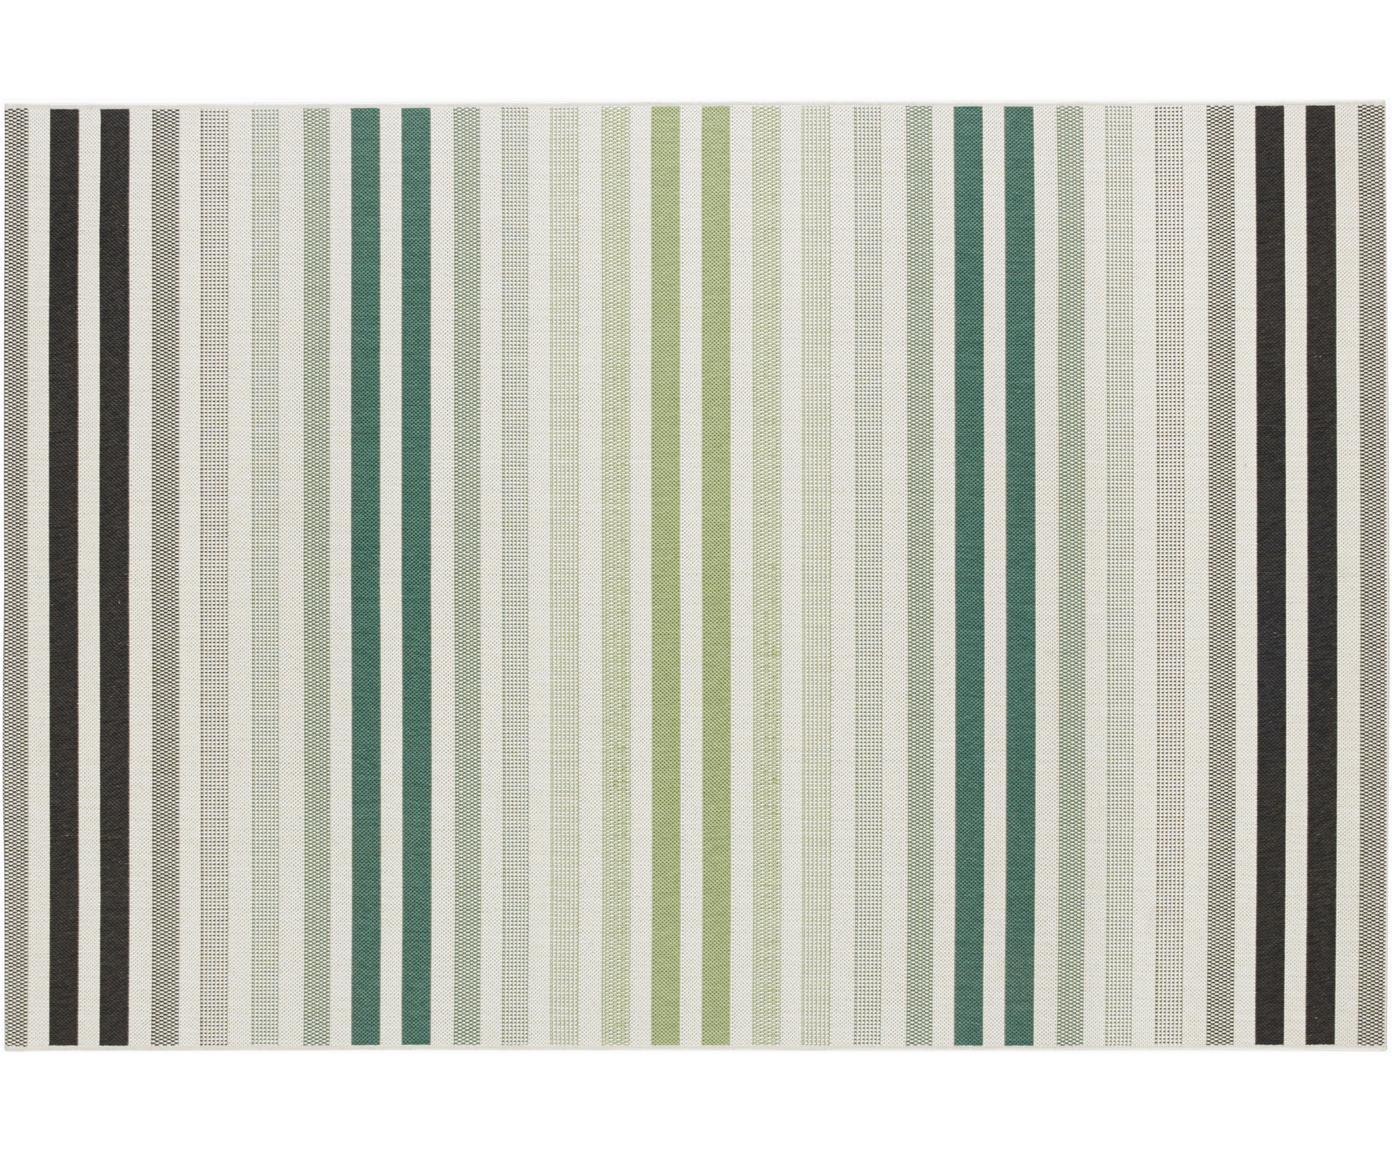 Gestreept in- en outdoor vloerkleed Paros, Polypropyleen, Groen, beige, antraciet, B 80 x L 150 cm (maat XS)